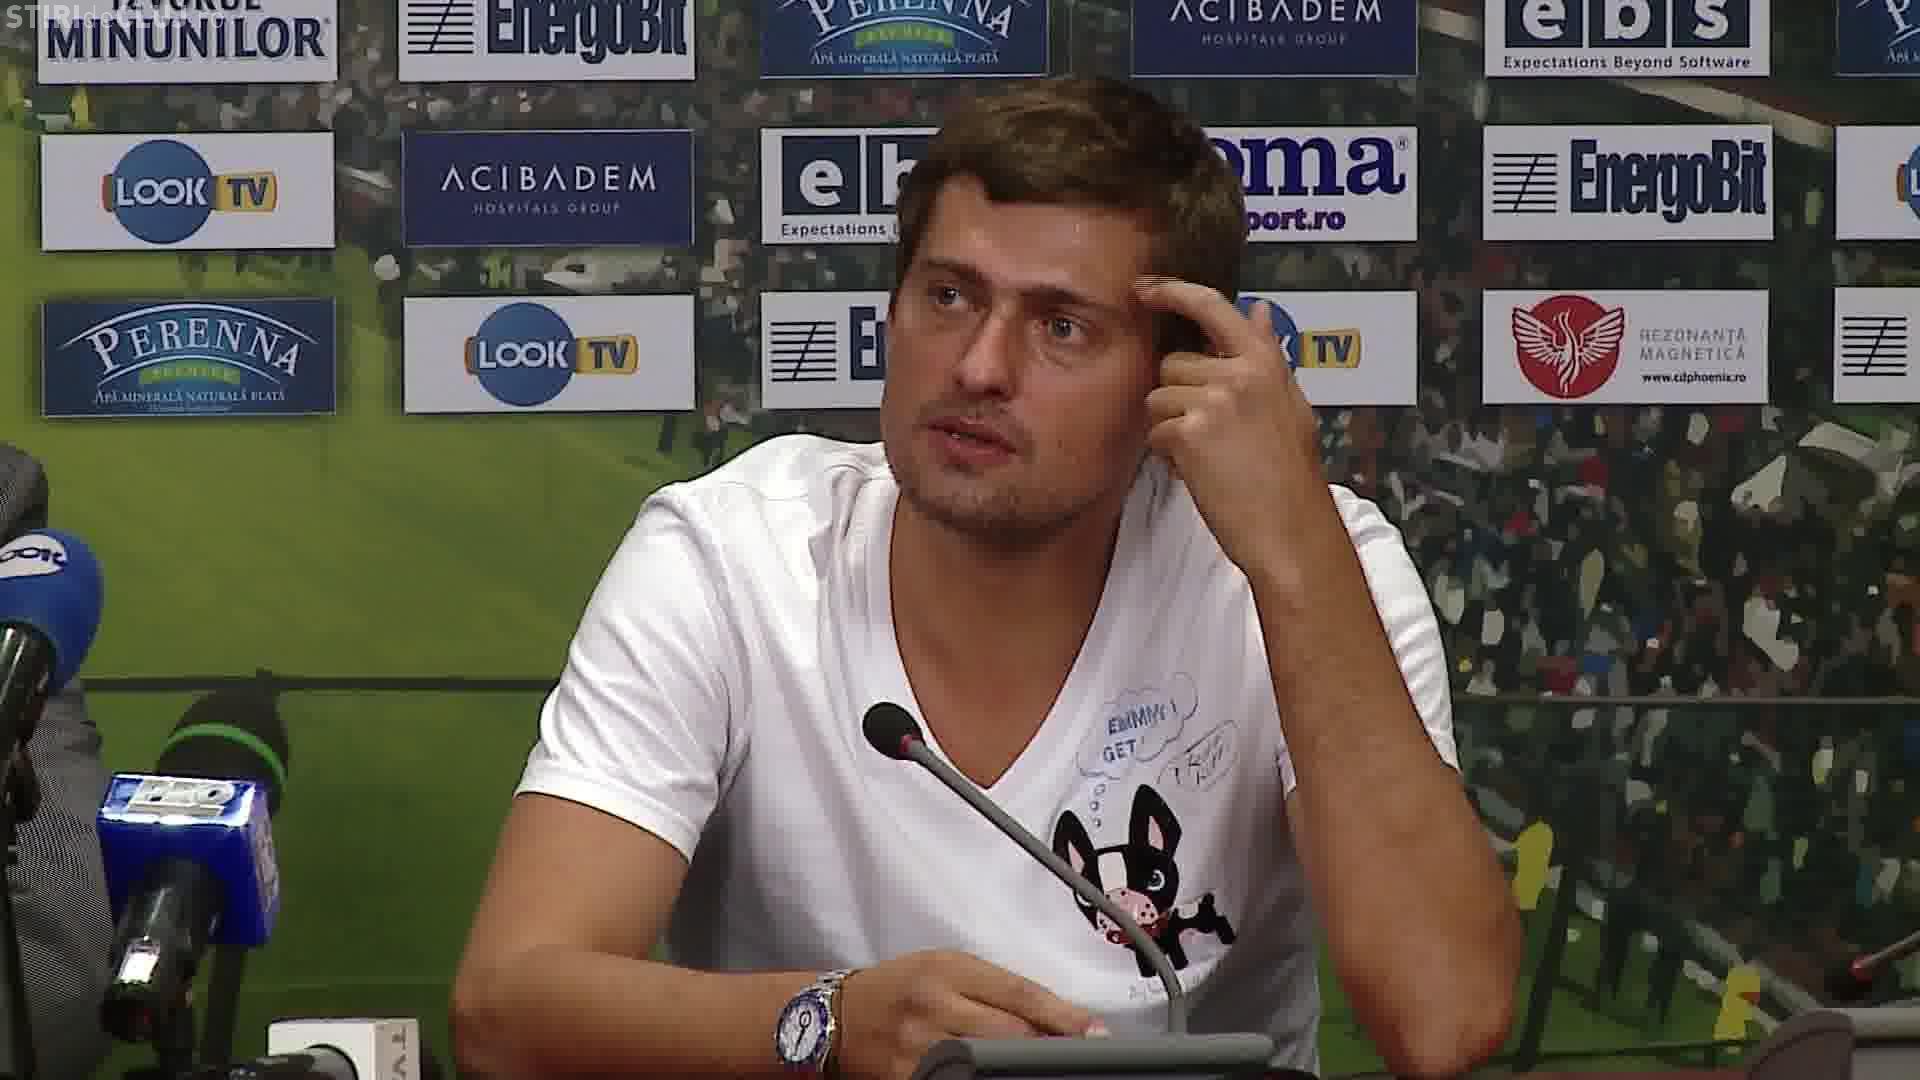 Gabi Tamaș agitat și transpirat la conferința de prezentare la CFR Cluj. Ce întrebări l-au enervat? - VIDEO